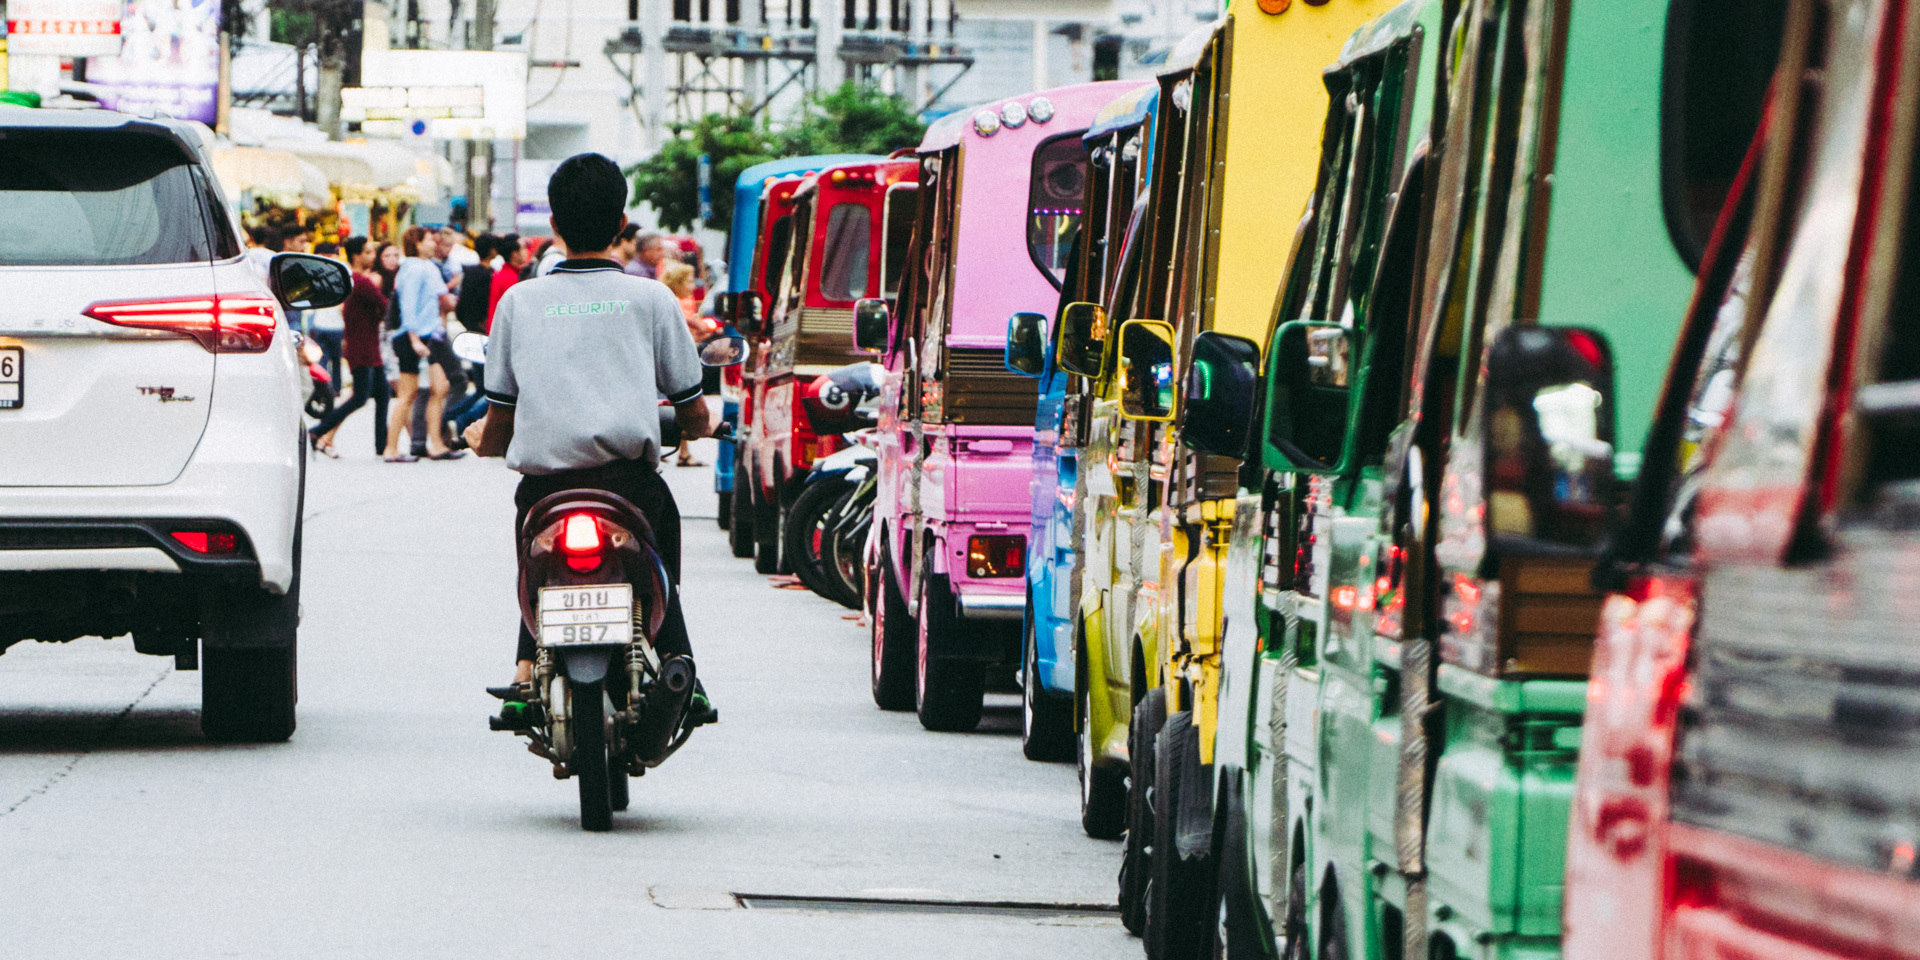 Week One in Phuket, Thailand